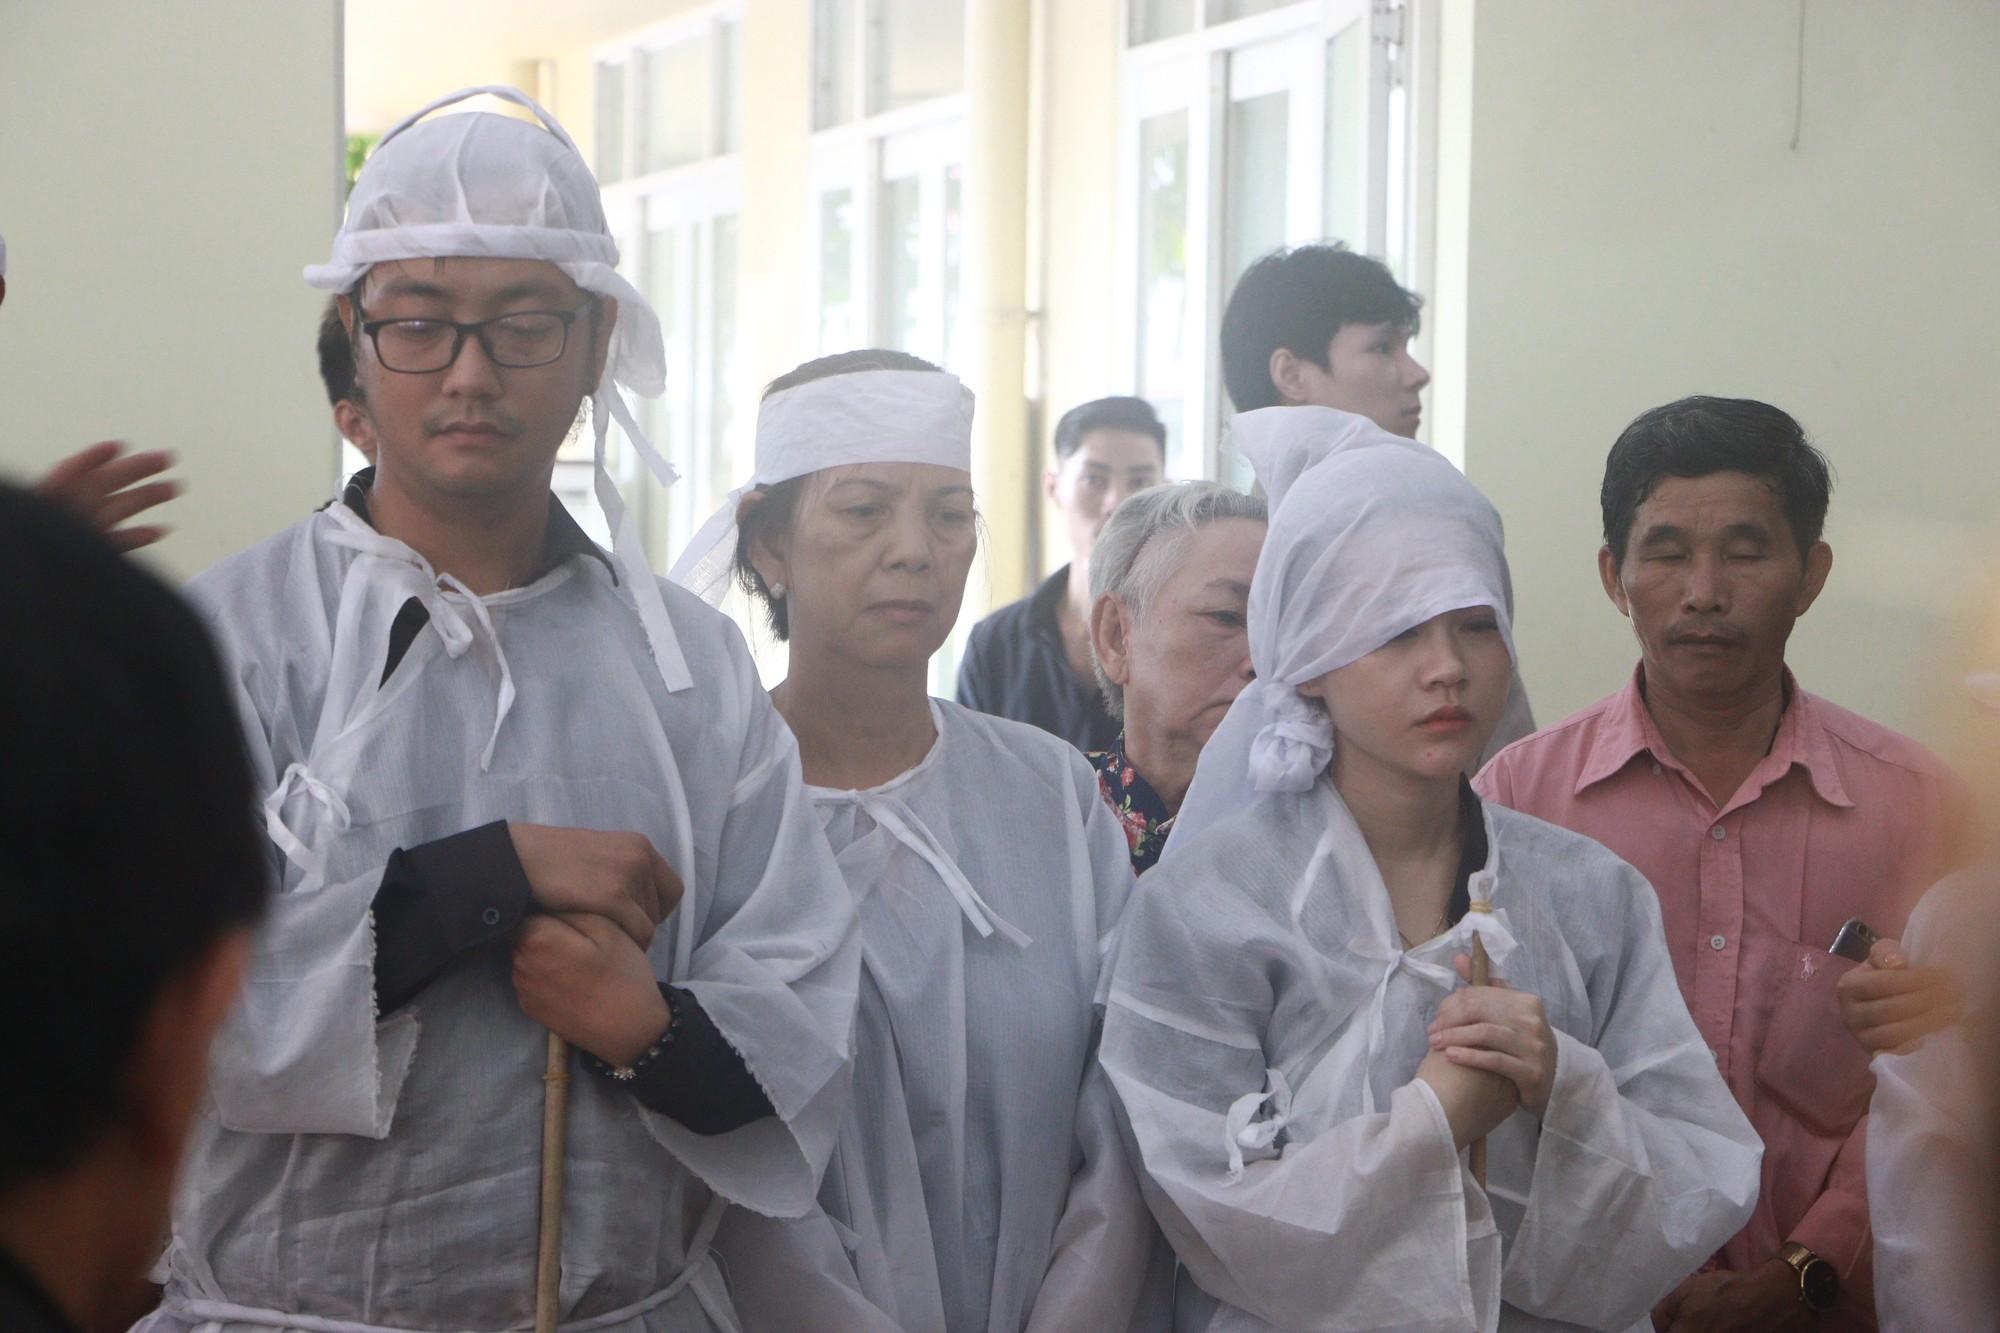 Con gái Lê Bình suy sụp, thất thần trong lễ động quan đưa thi hài cha về nơi an nghỉ - Ảnh 12.